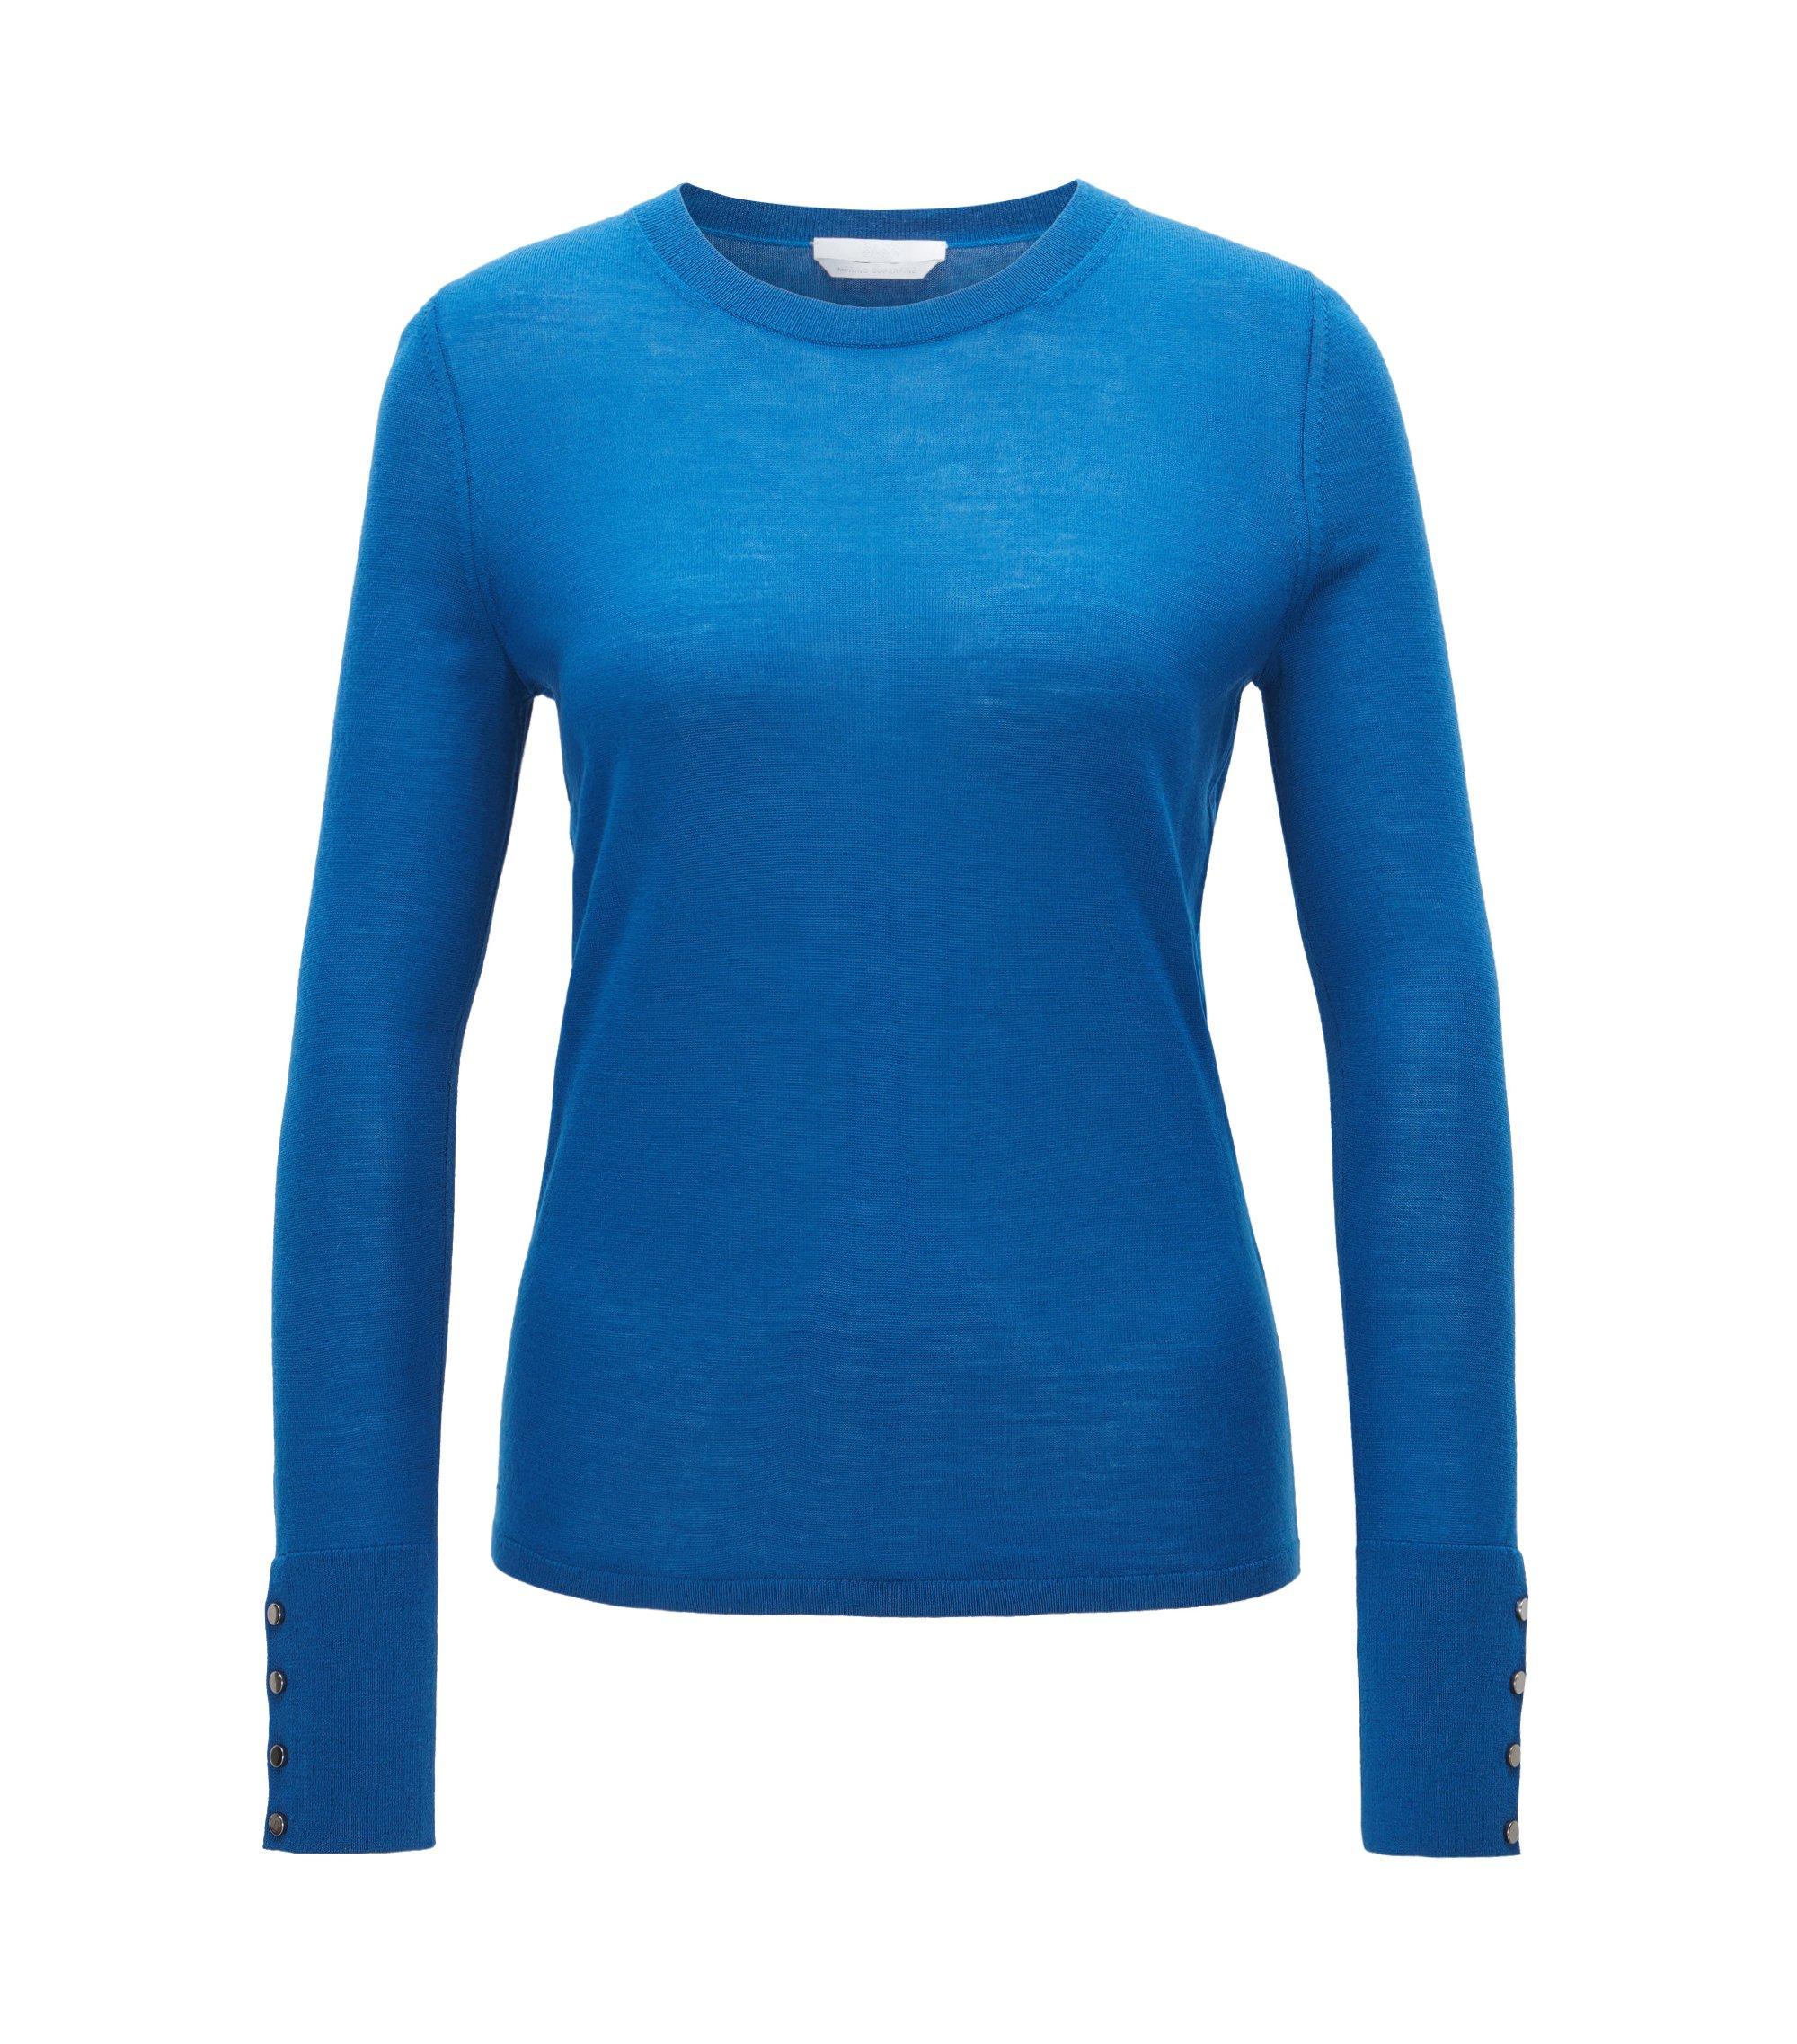 Pullover aus merzerisierter Schurwolle mit Rundhalsausschnitt, Blau